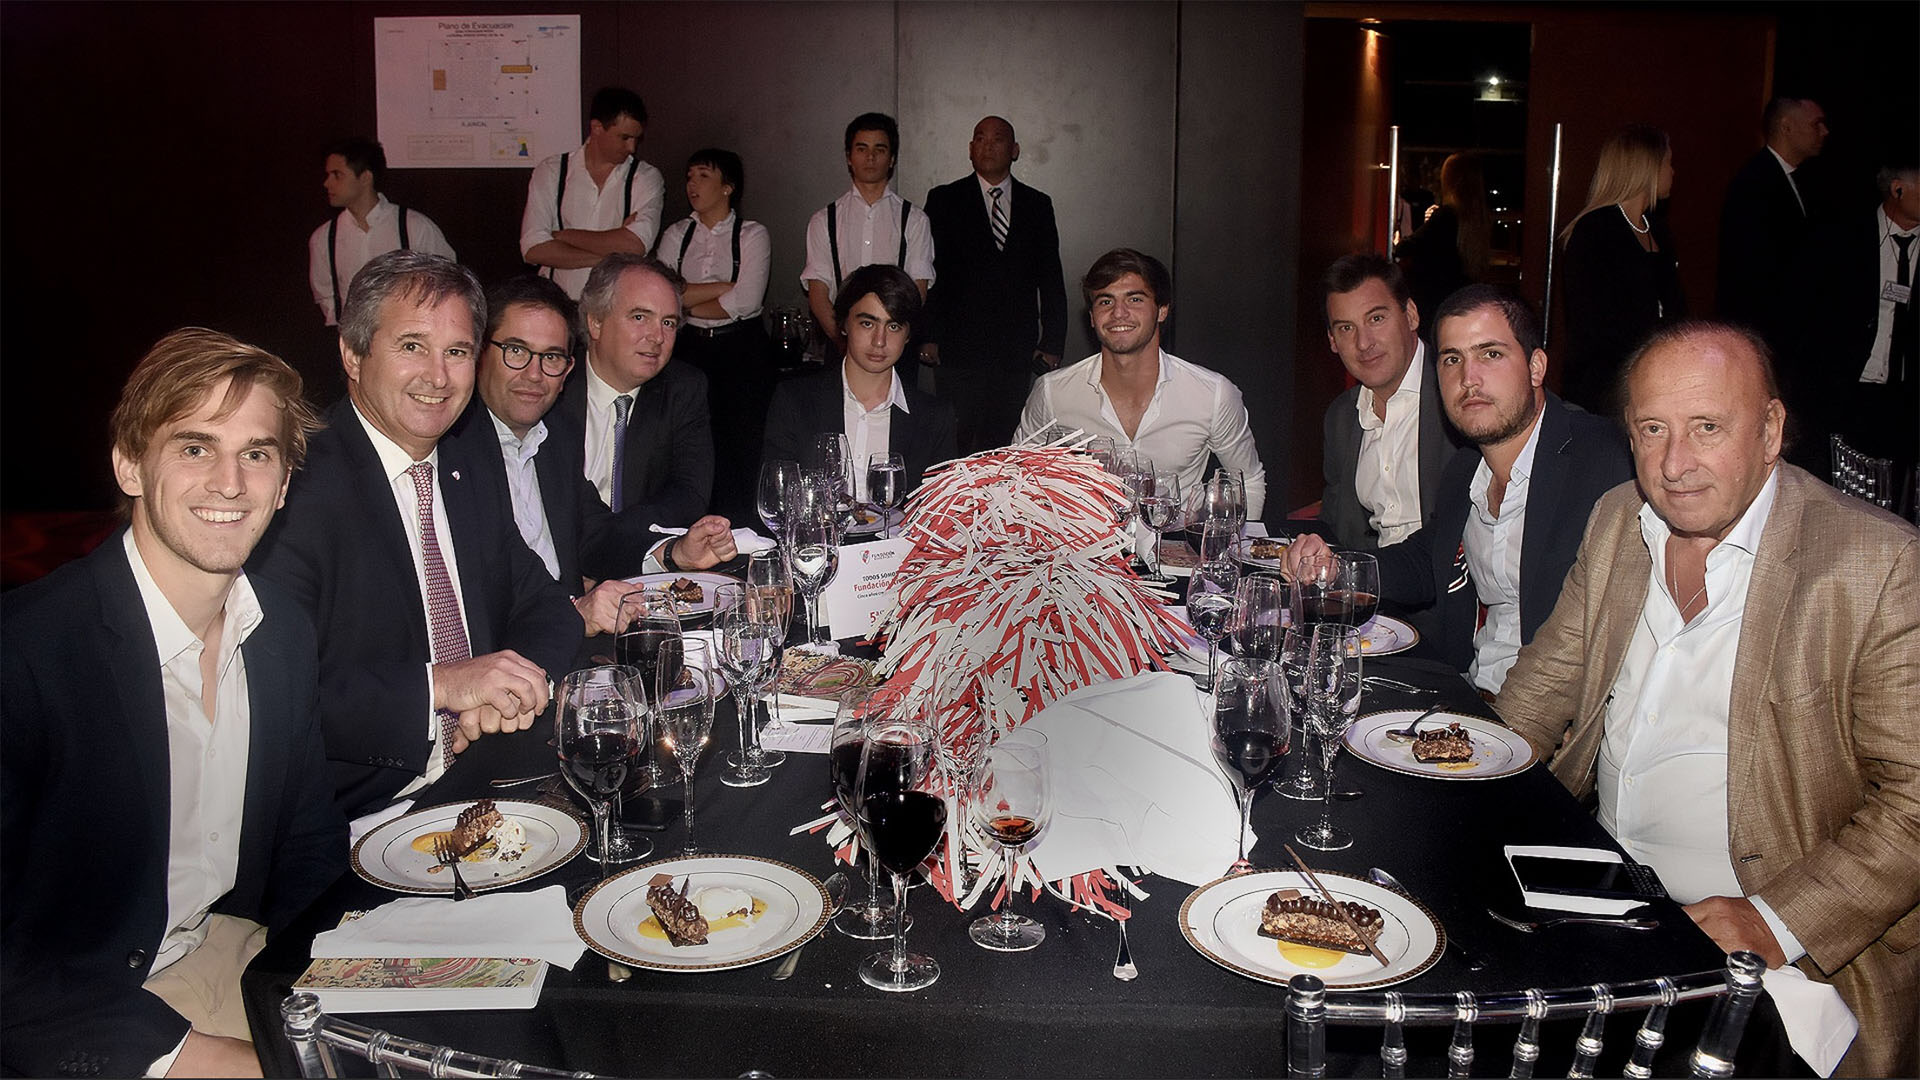 De izquierda a derecha: Santos y Pablo Quirno, Patricio Clancy, Eduardo Estrada, Pedro Lanusse, el jugador Santiago Sosa, Diego Pino, Luciano y Mauricio Filiberti